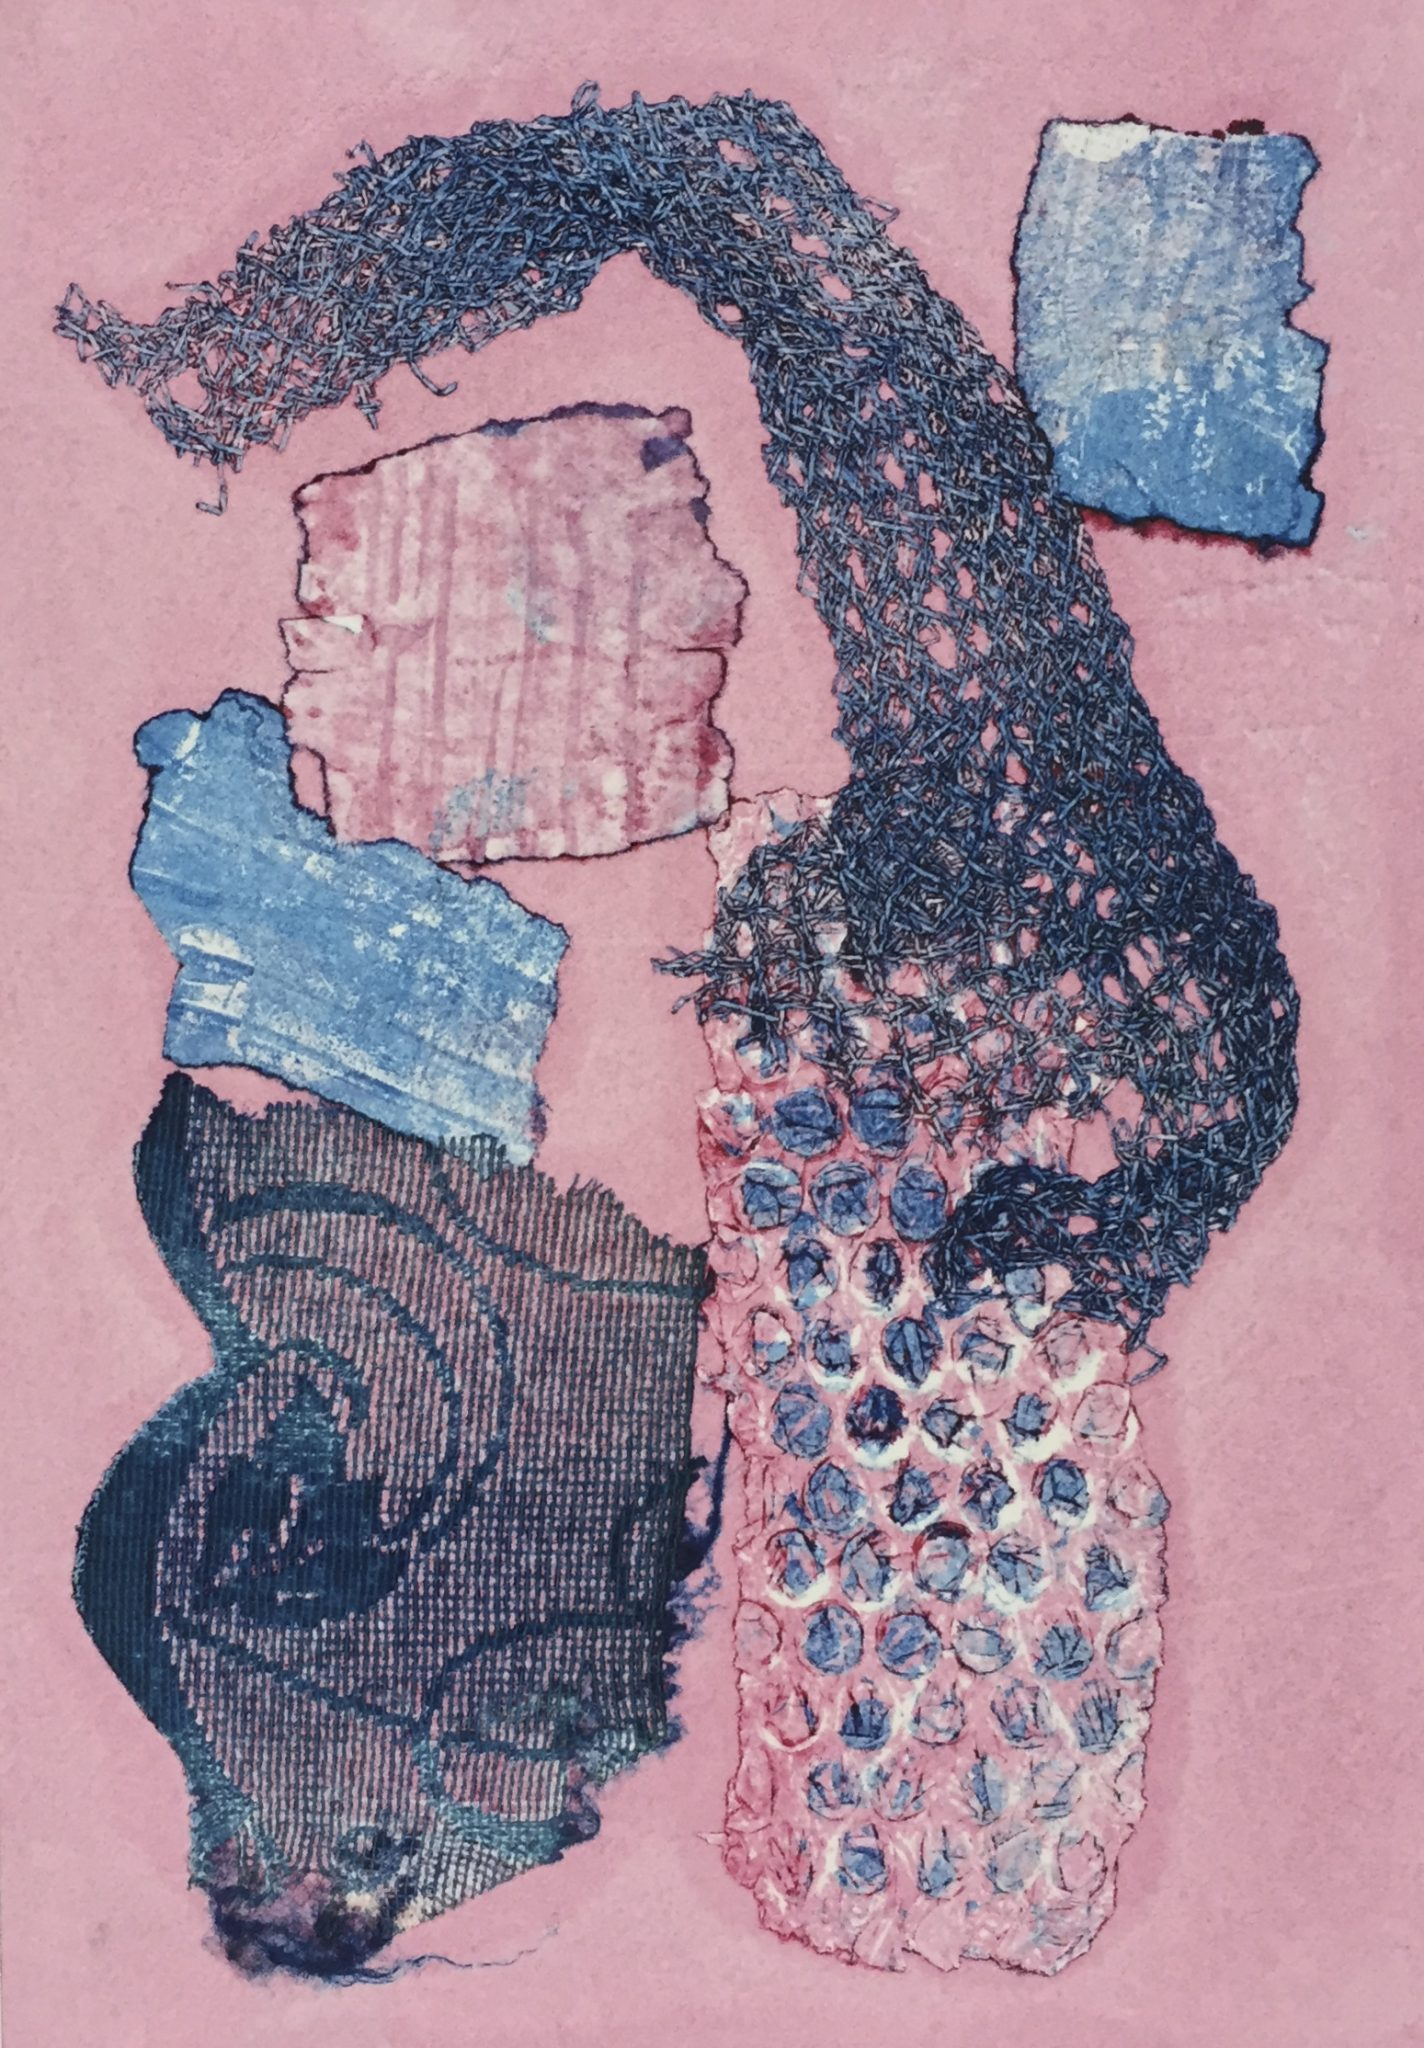 Vivienne Spencer